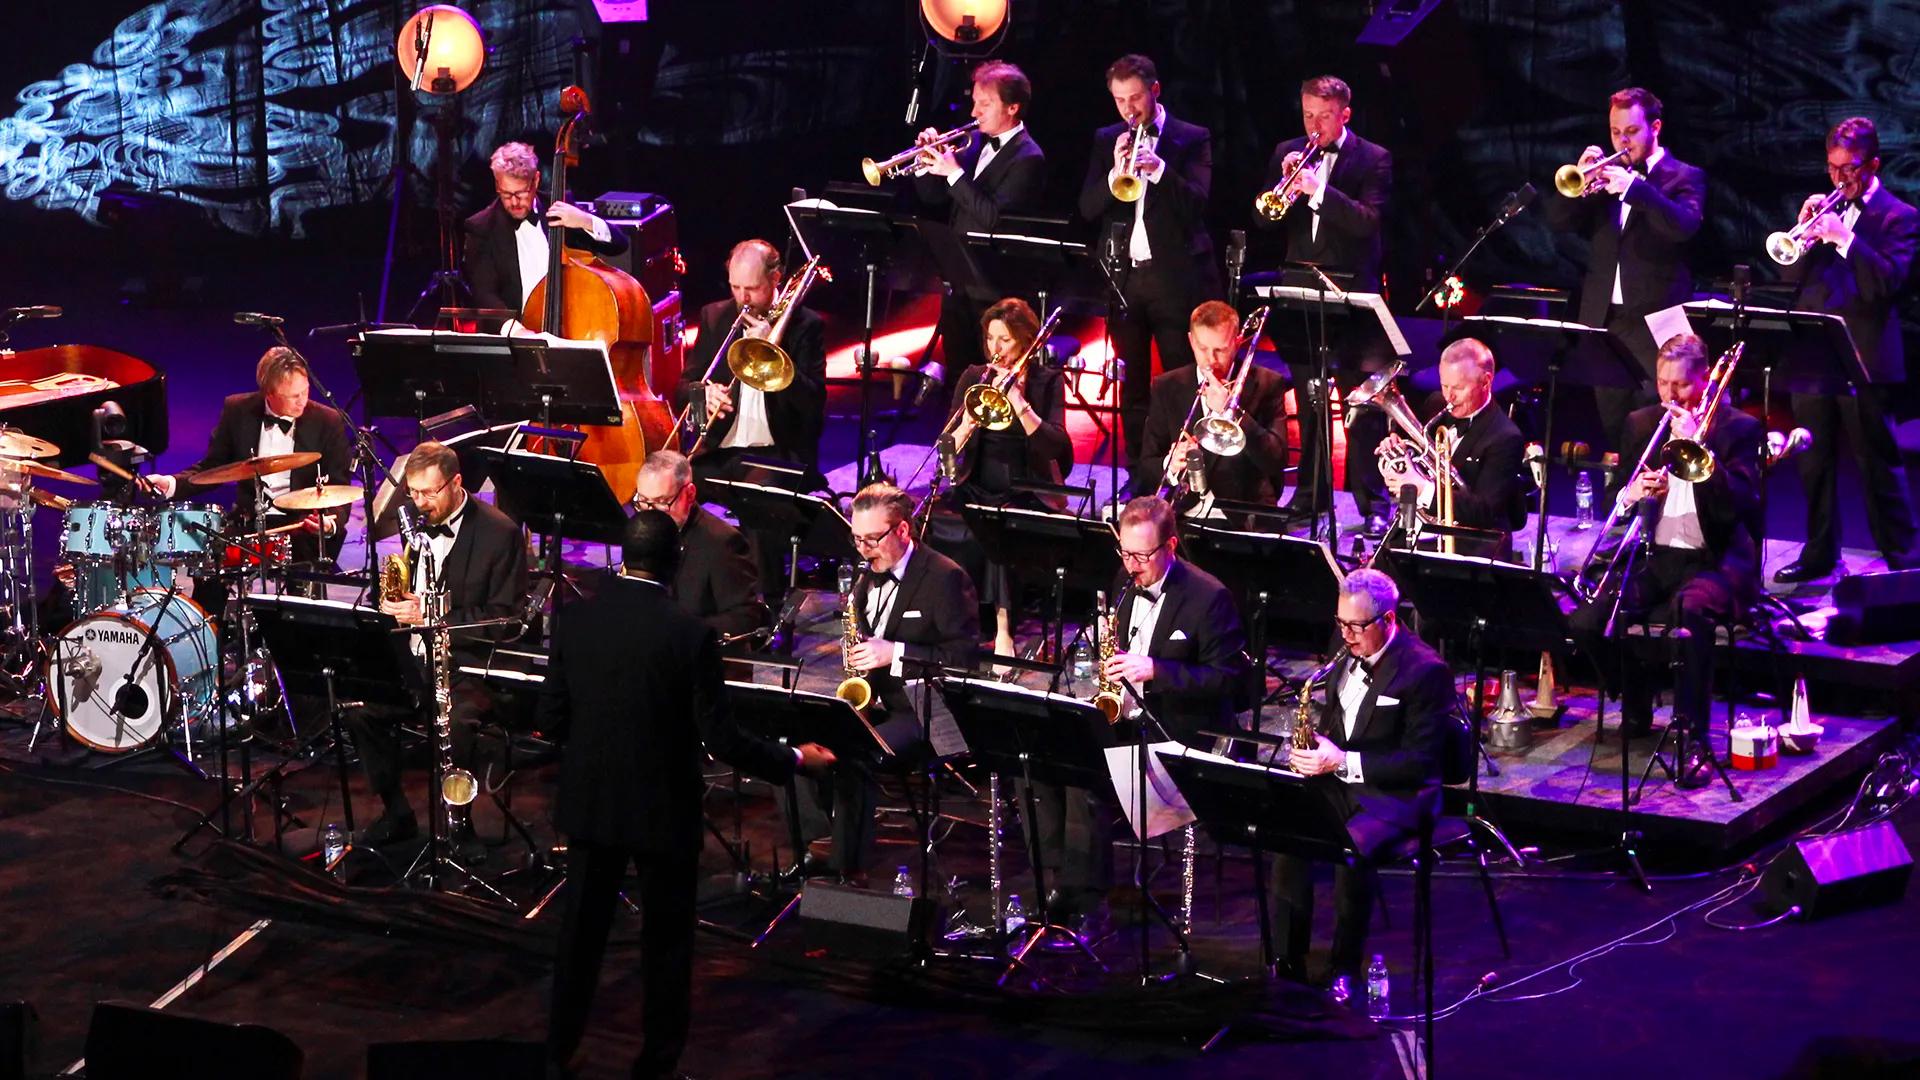 Se koncerter DR Big Band på DR TV